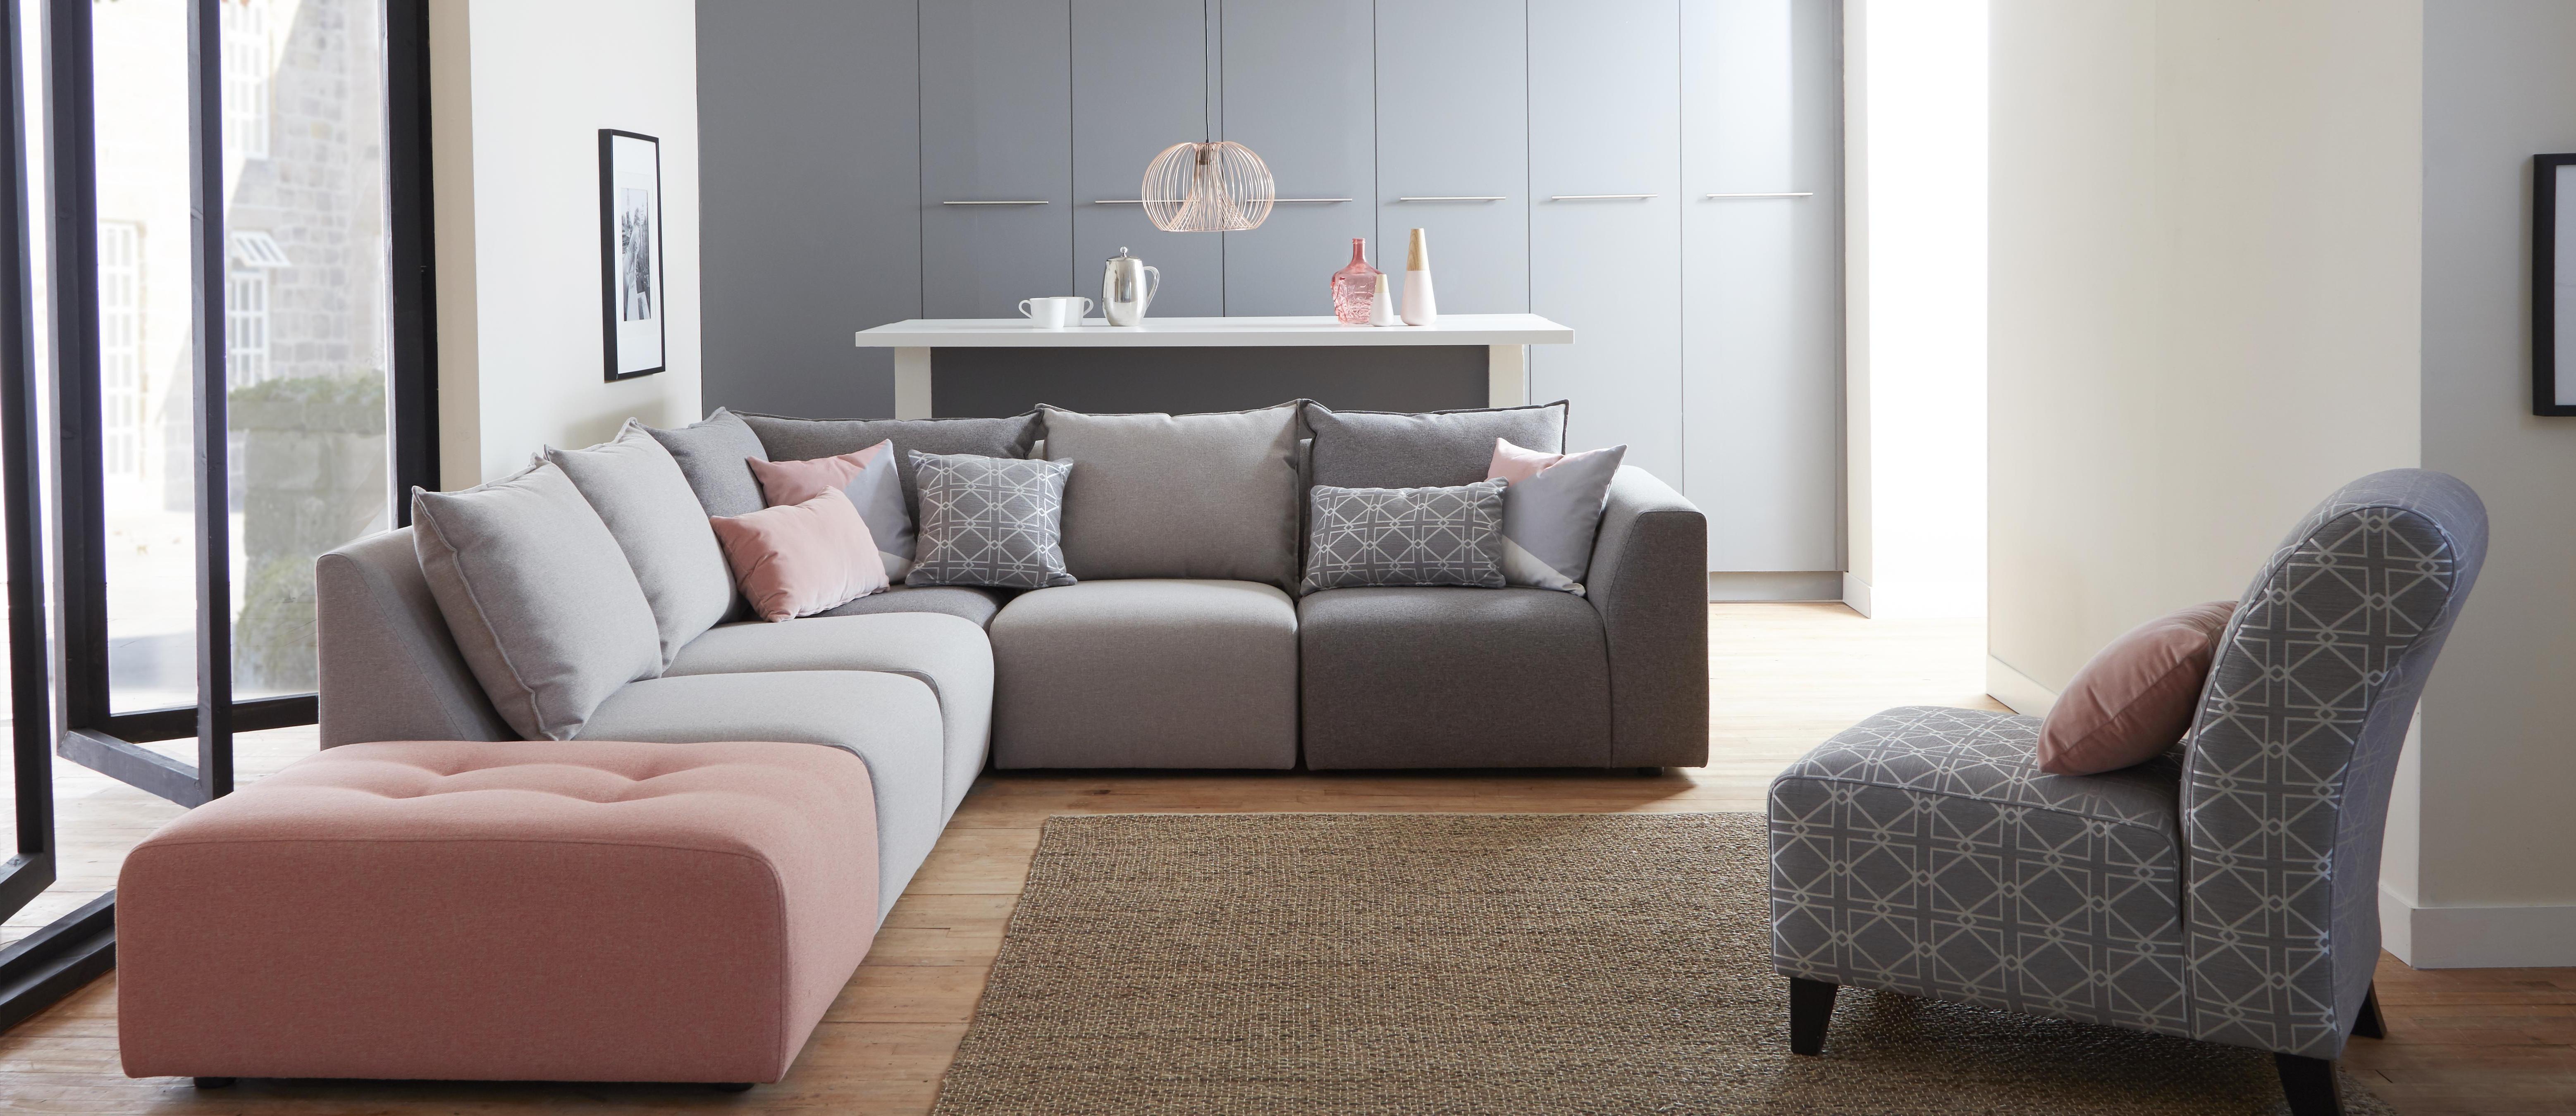 Sofa Modular 9fdy Modular sofas Dfs